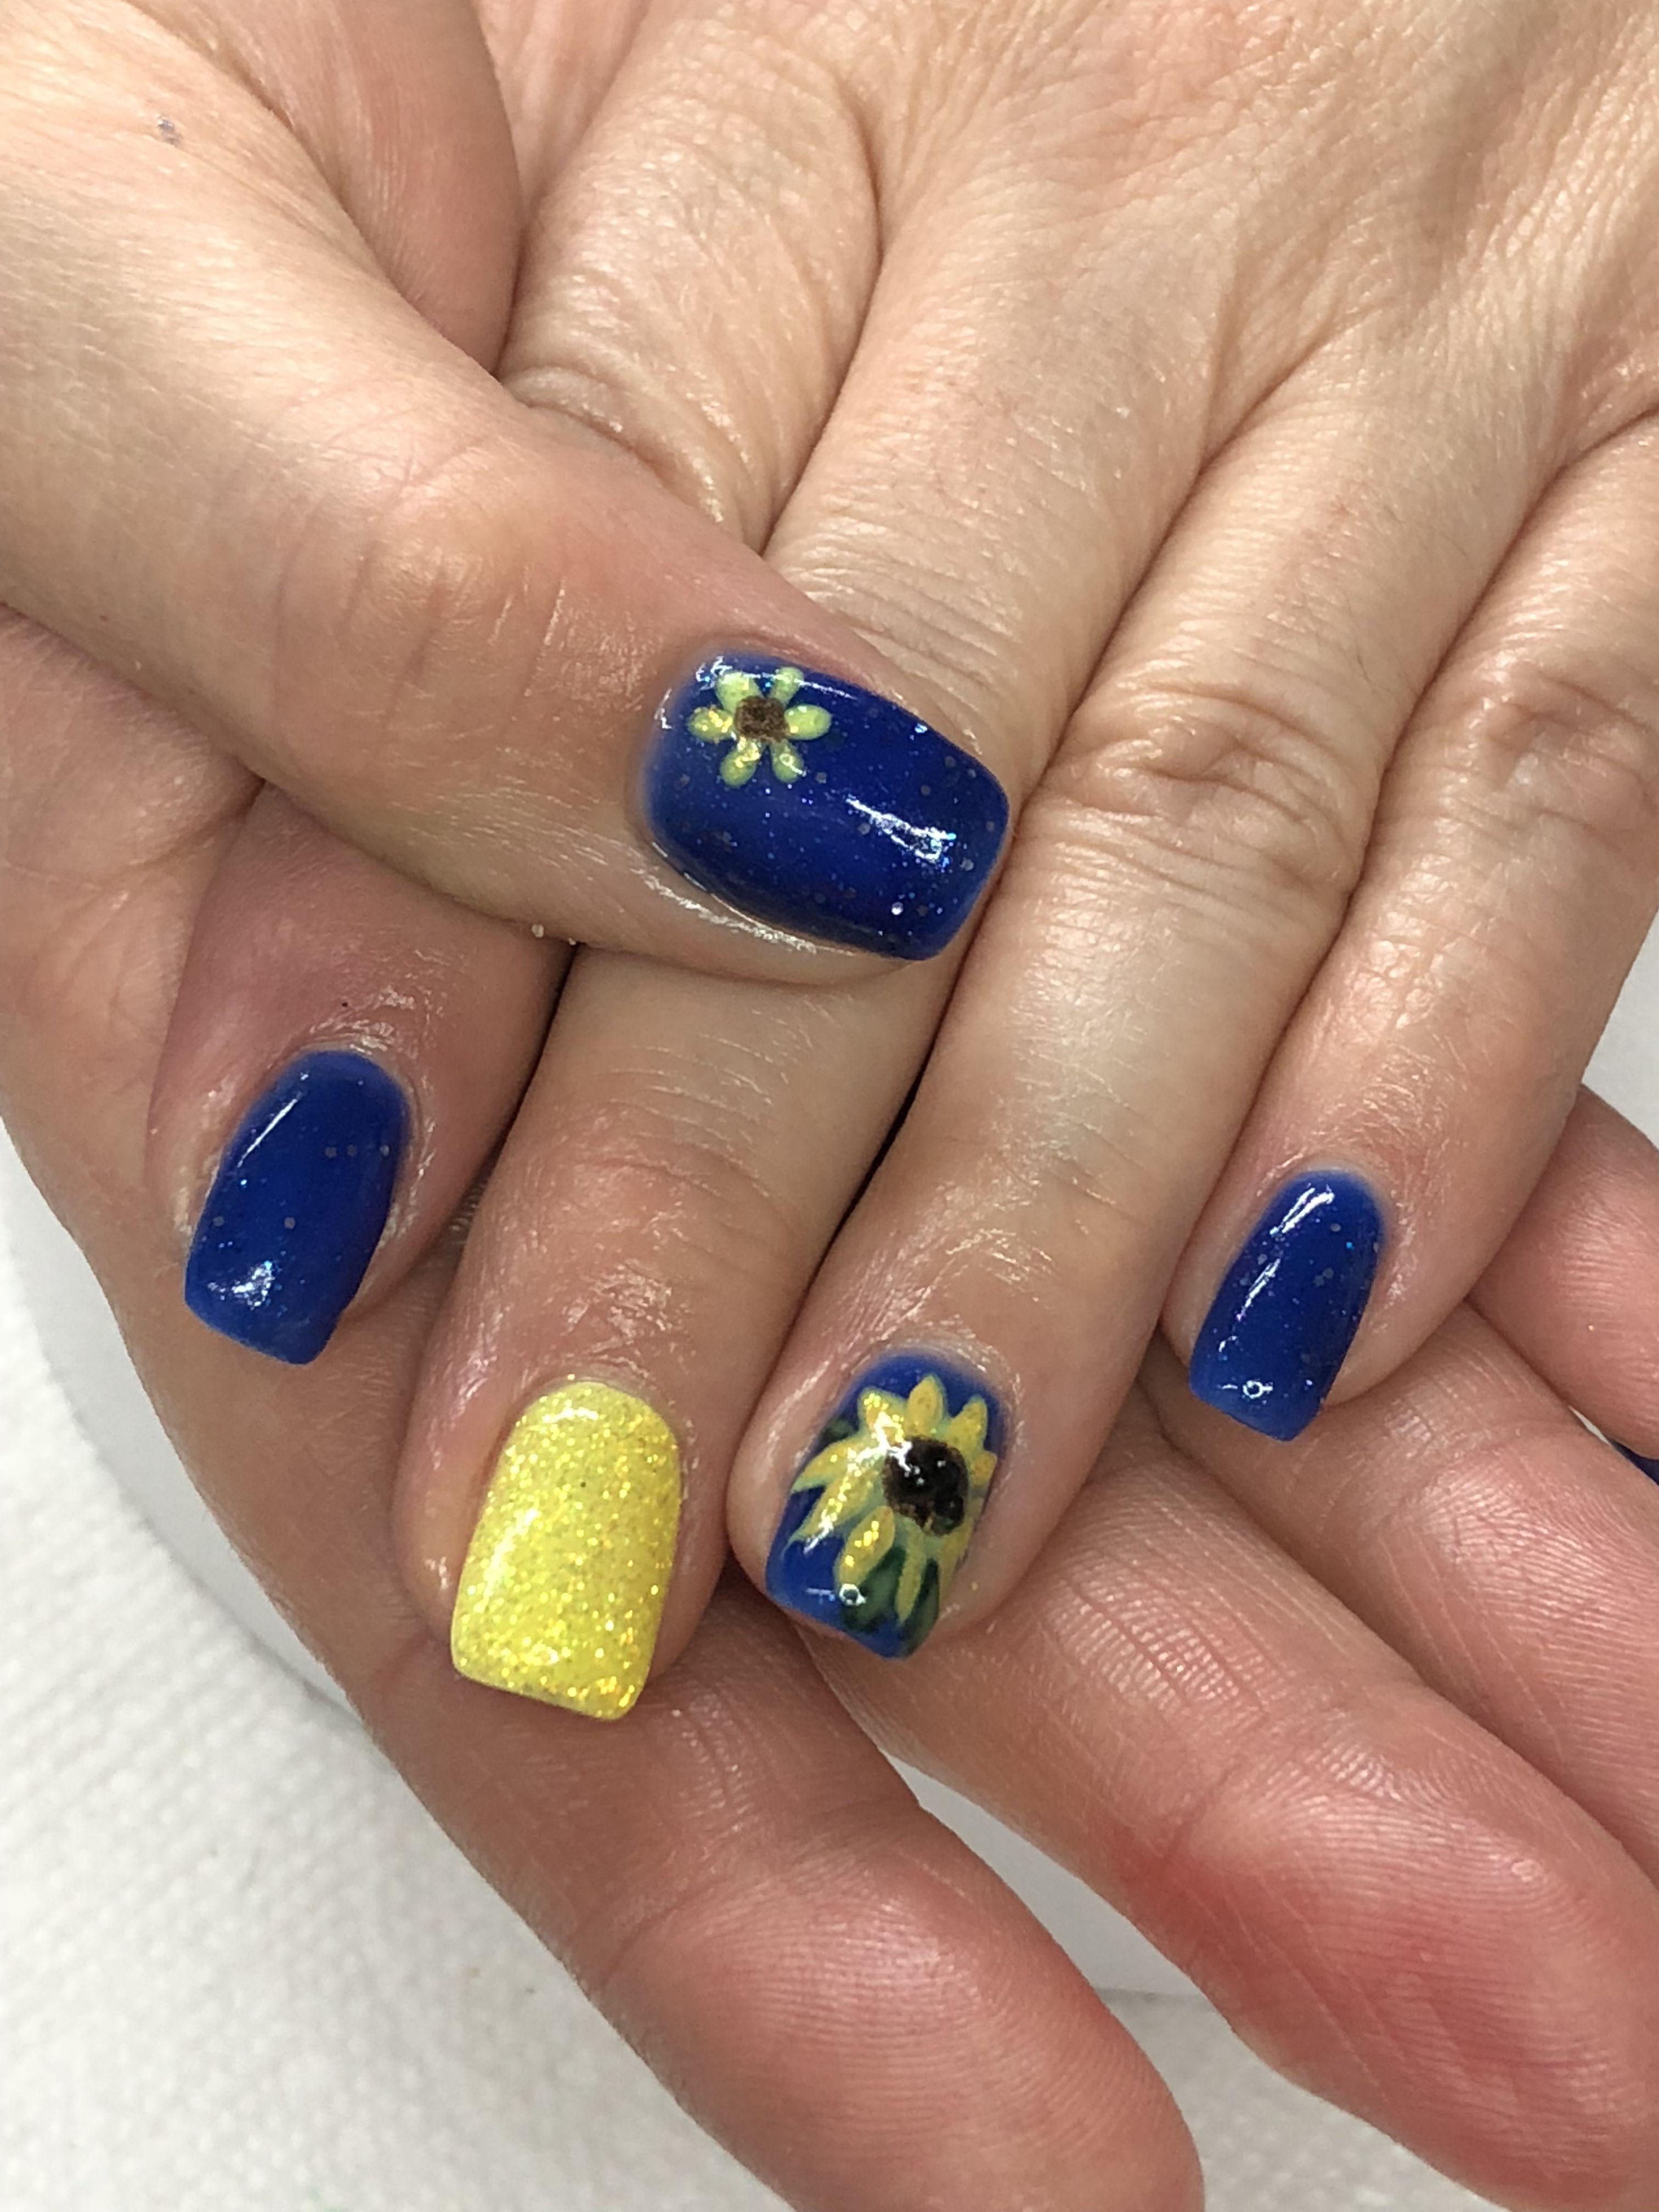 Sunflower Royal Blue Yellow Glitter Gel Nails Light Elegance Yellowjacket Lemon Burst Royal Blue Nails Glitter Gel Nails Sunflower Nails